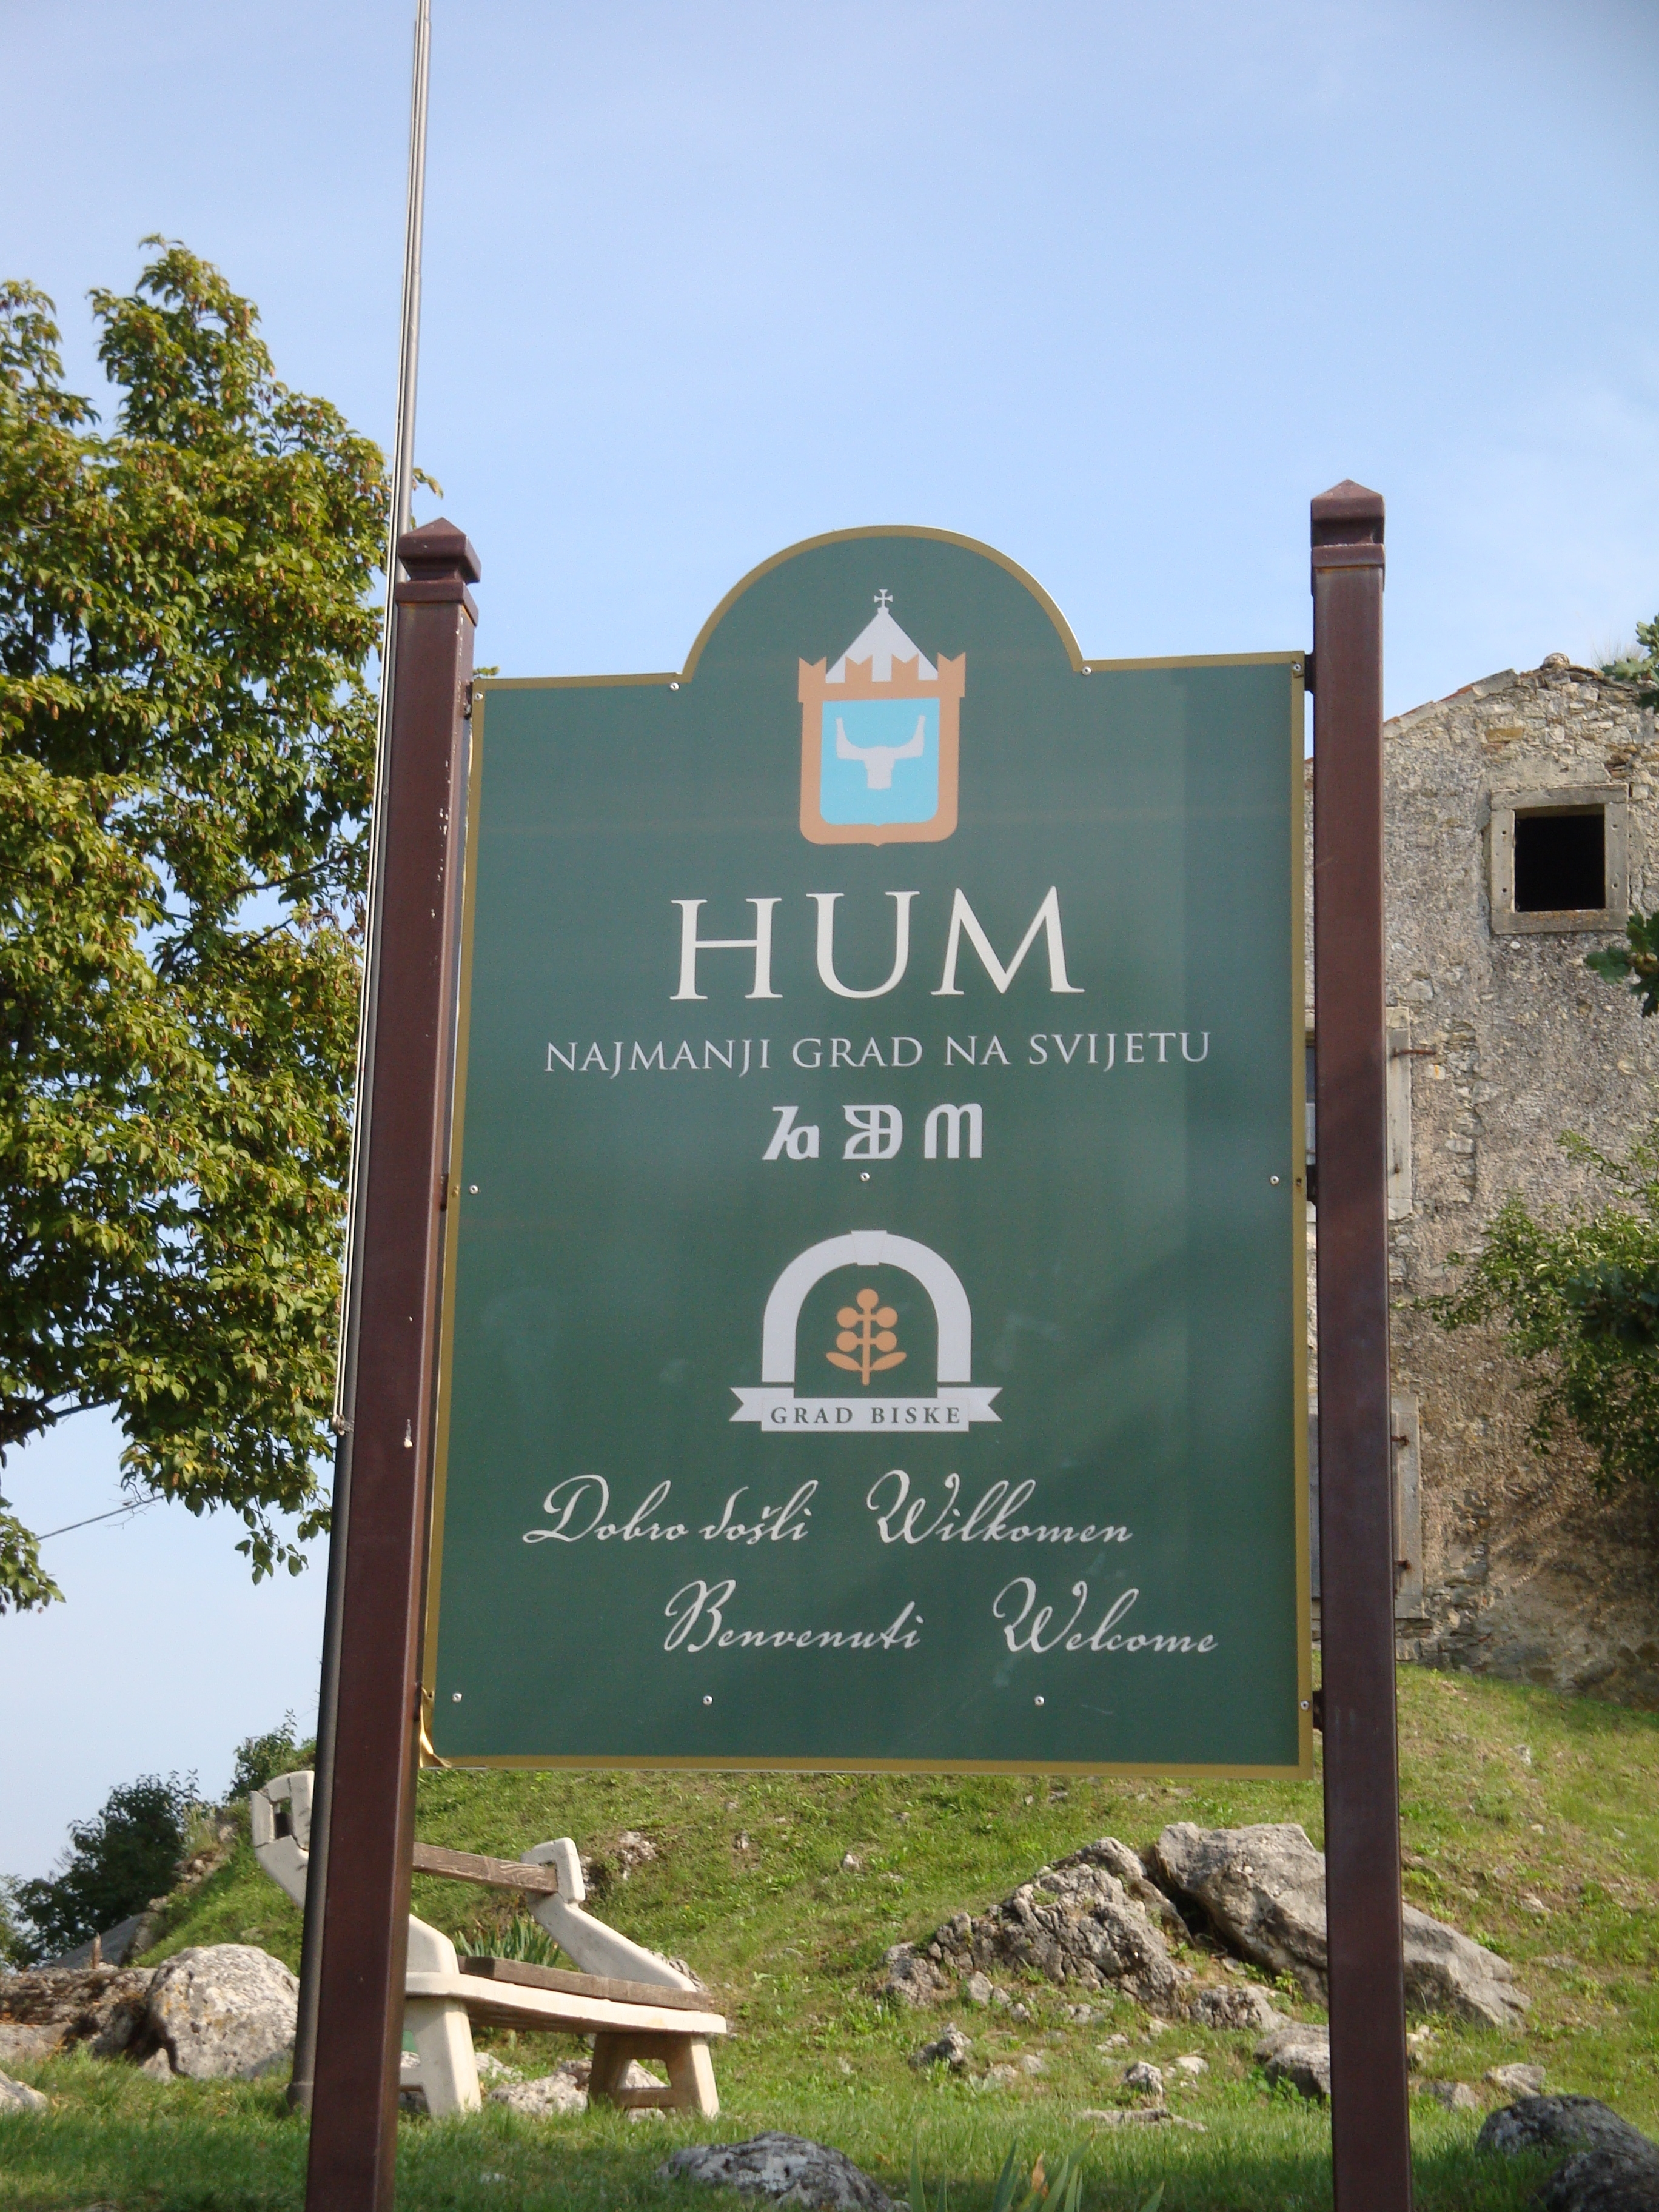 File:Hum – najmanji grad na svijetu.jpg - Wikimedia Commons